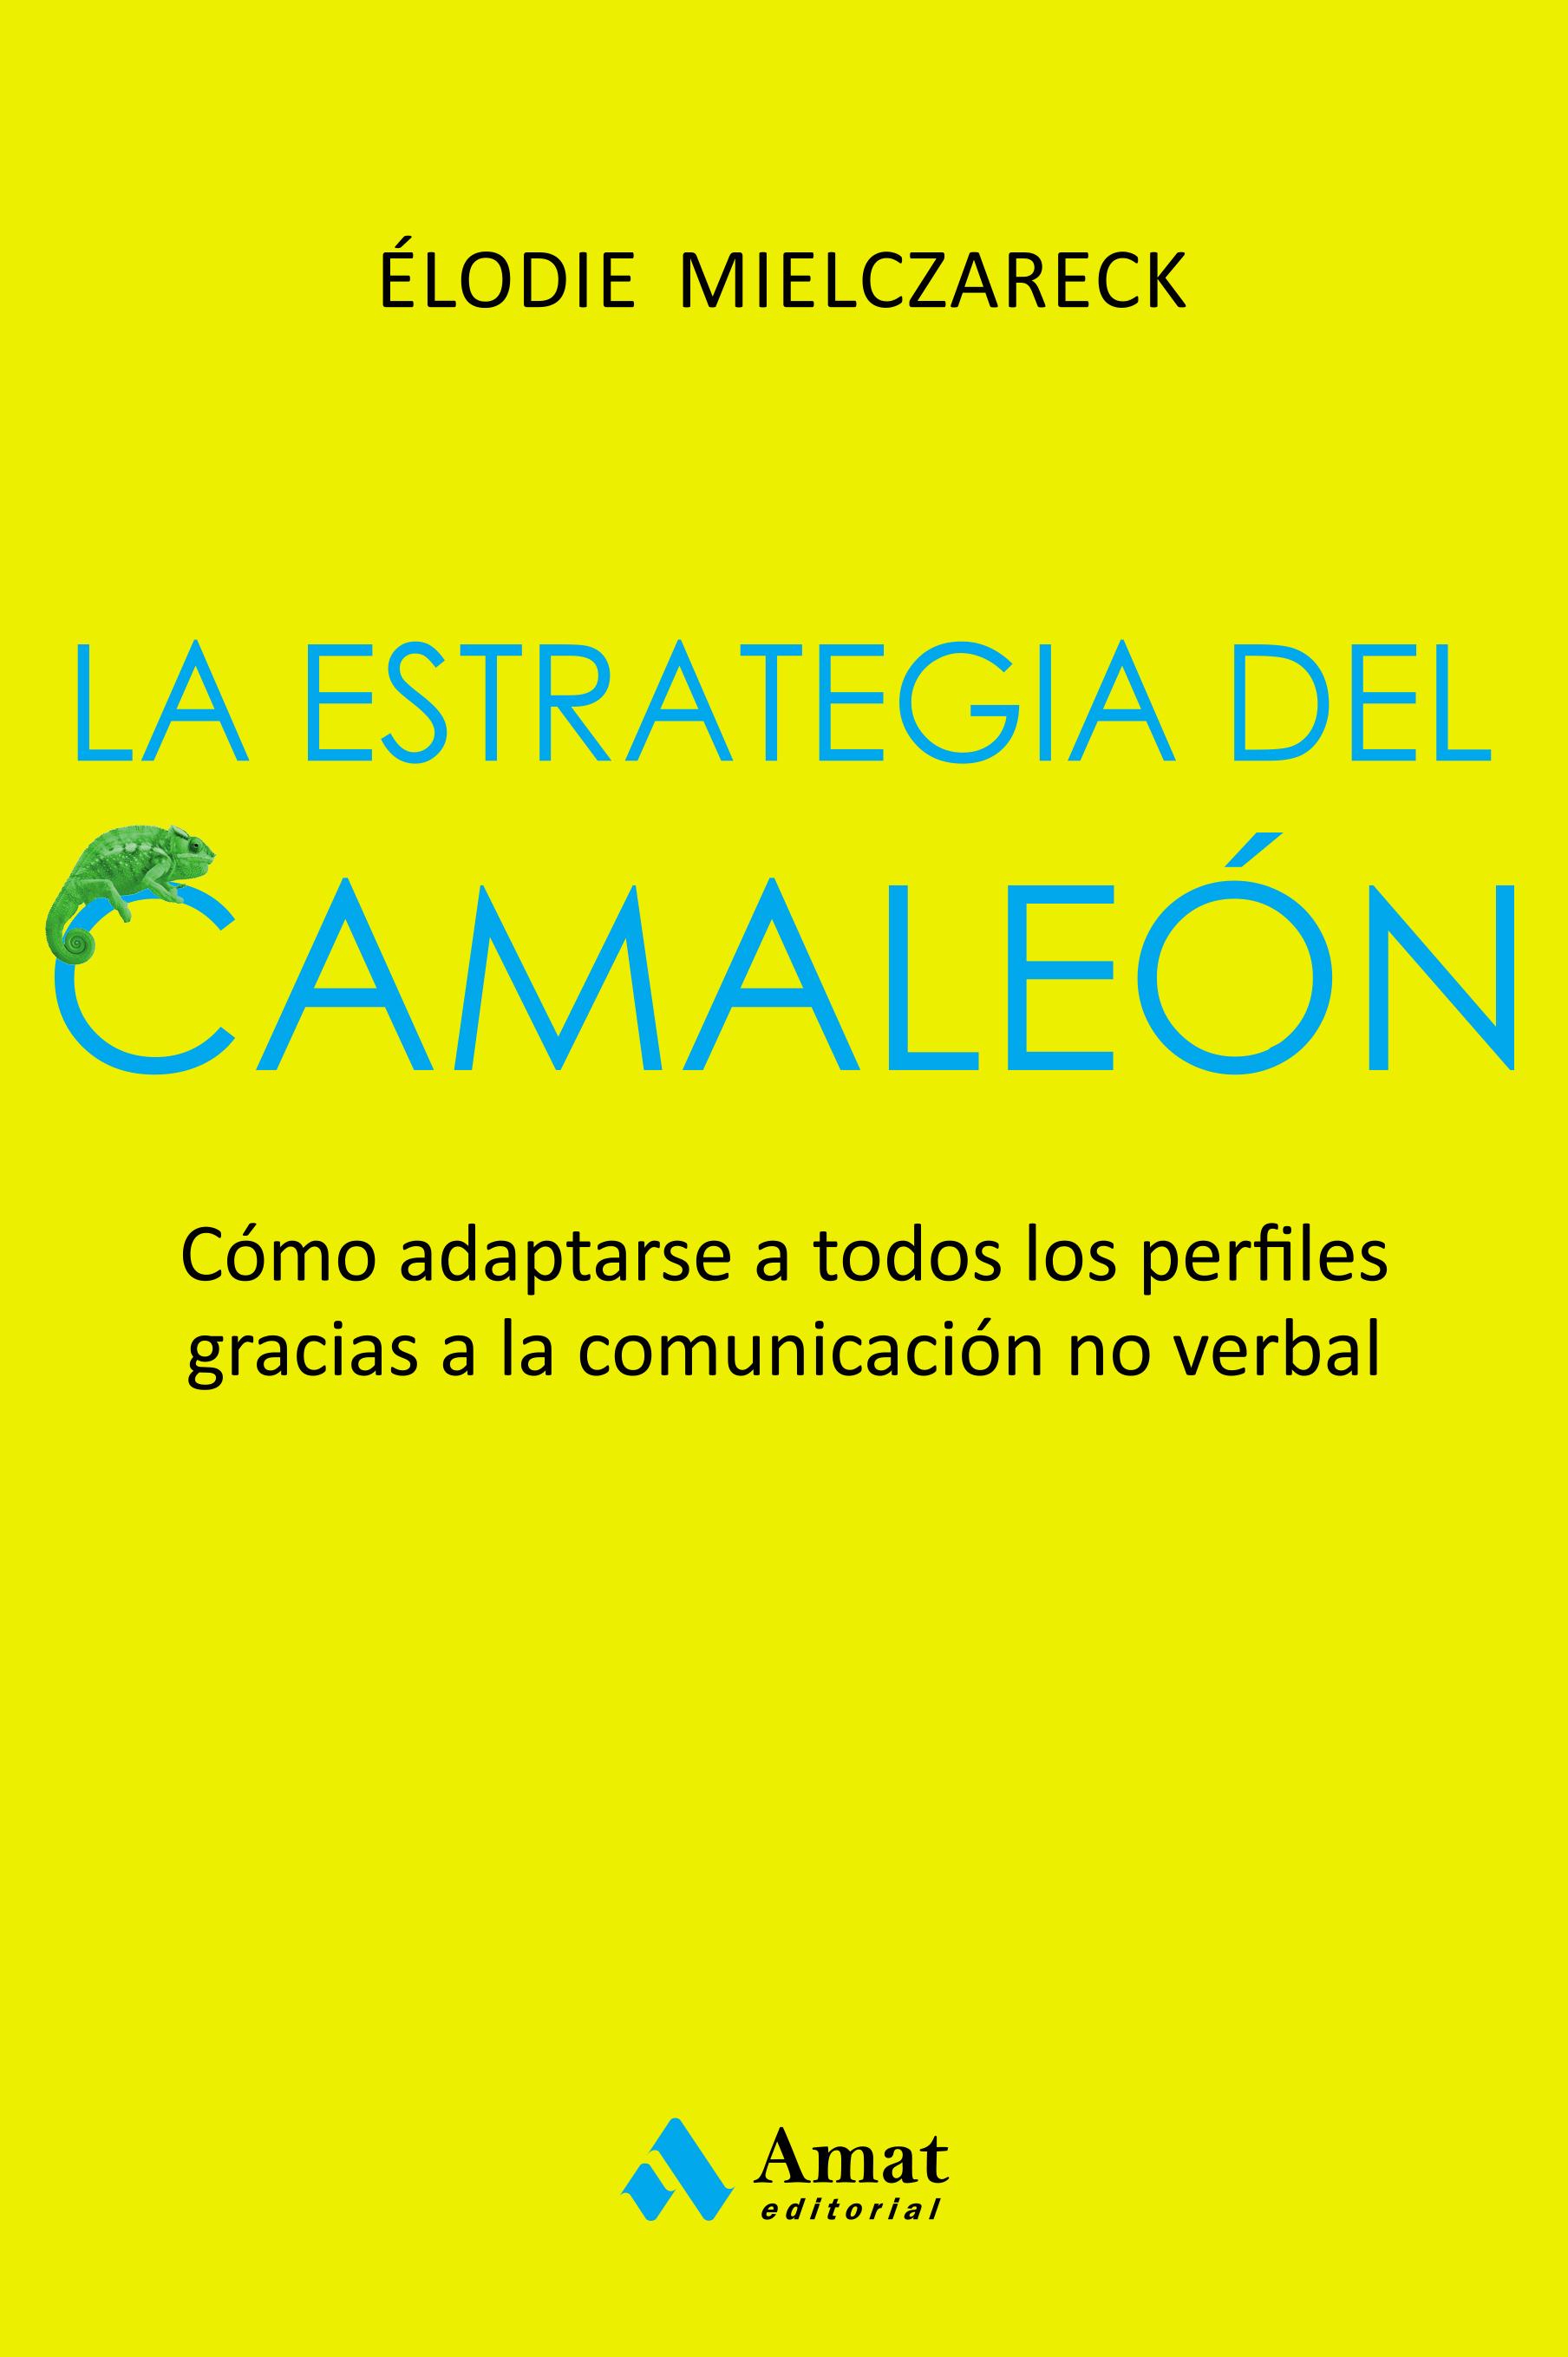 La estrategia del camaleón   «Adaptarse a todos los perfiles gracias a la comunicación no verbal»